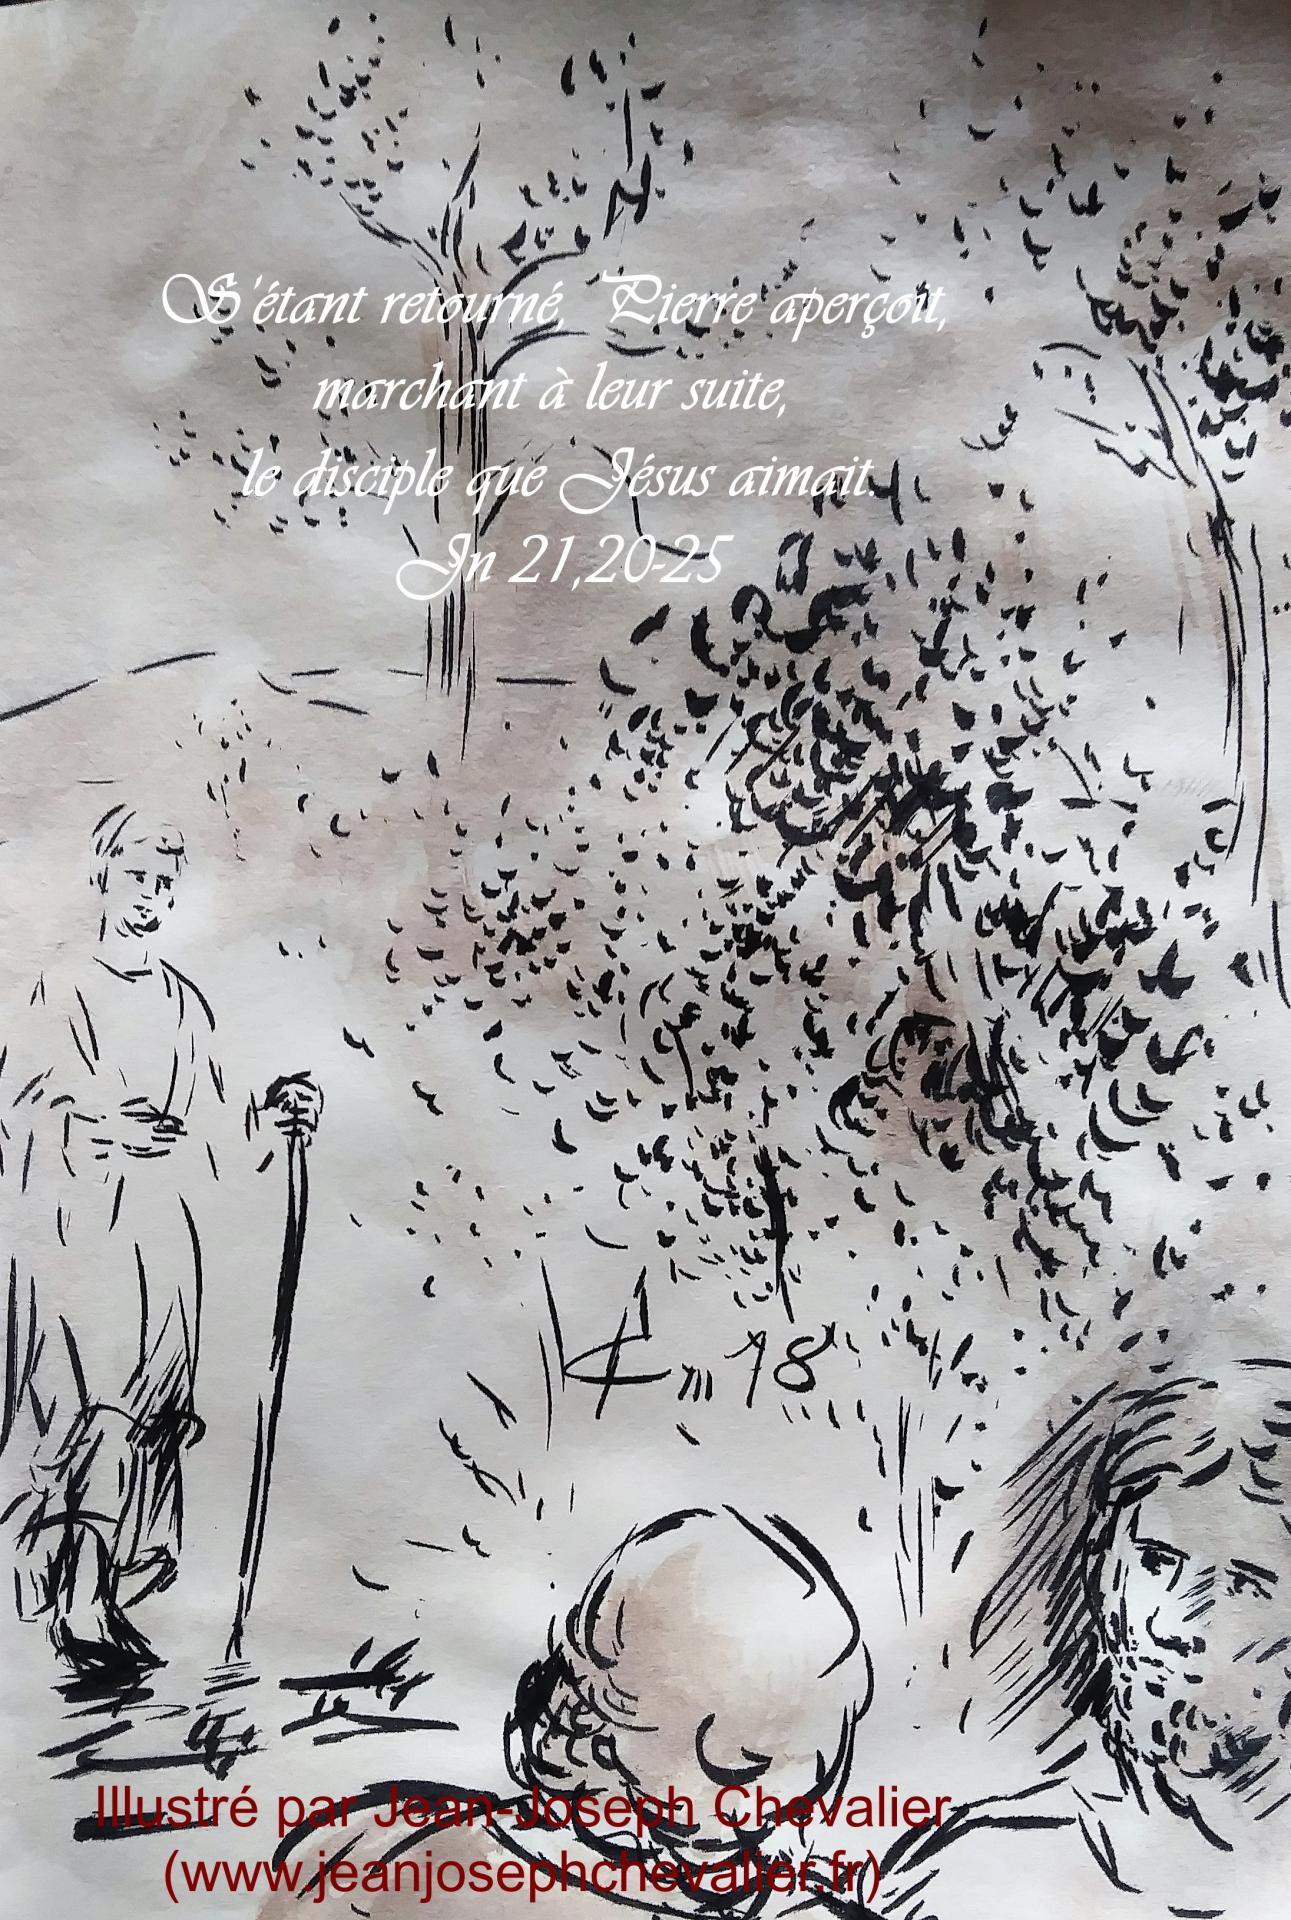 19 mai 2018 evangile du jour illustre par un dessin au lavis de jean joseph chevalier image